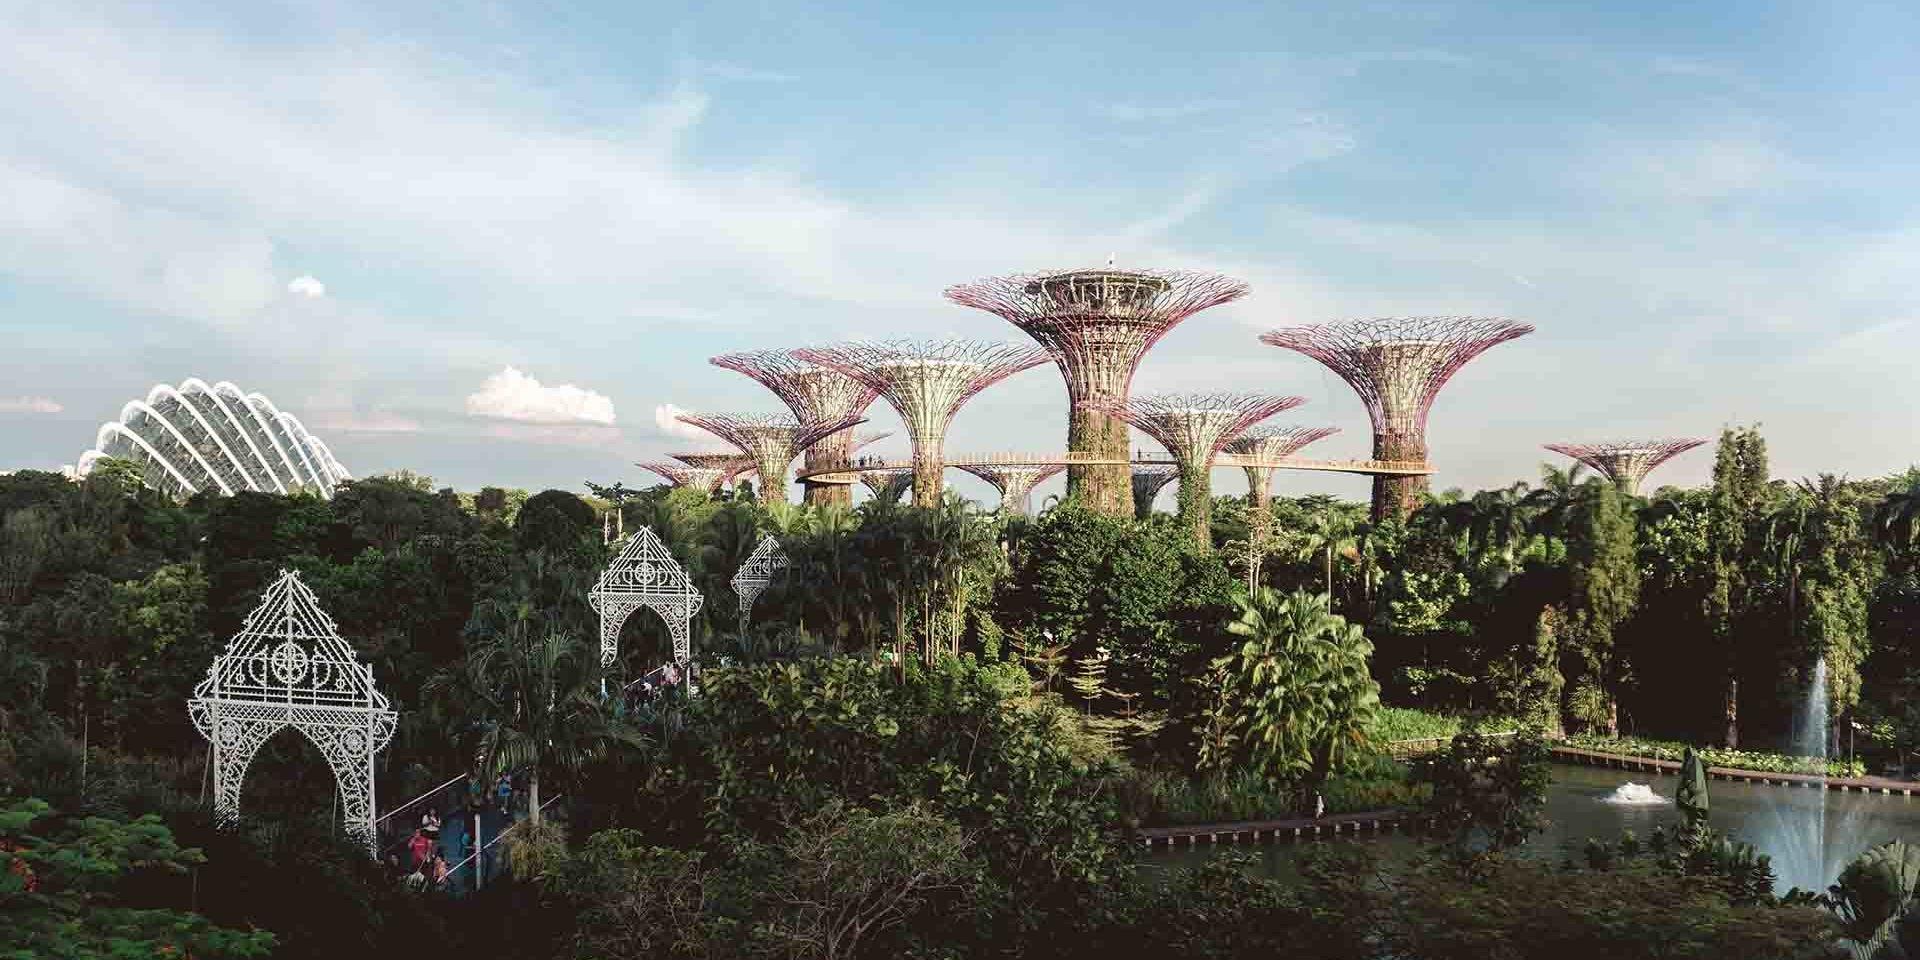 La transformación de Singapur ha convertido la ciudad en una de las más verdes del mundo.